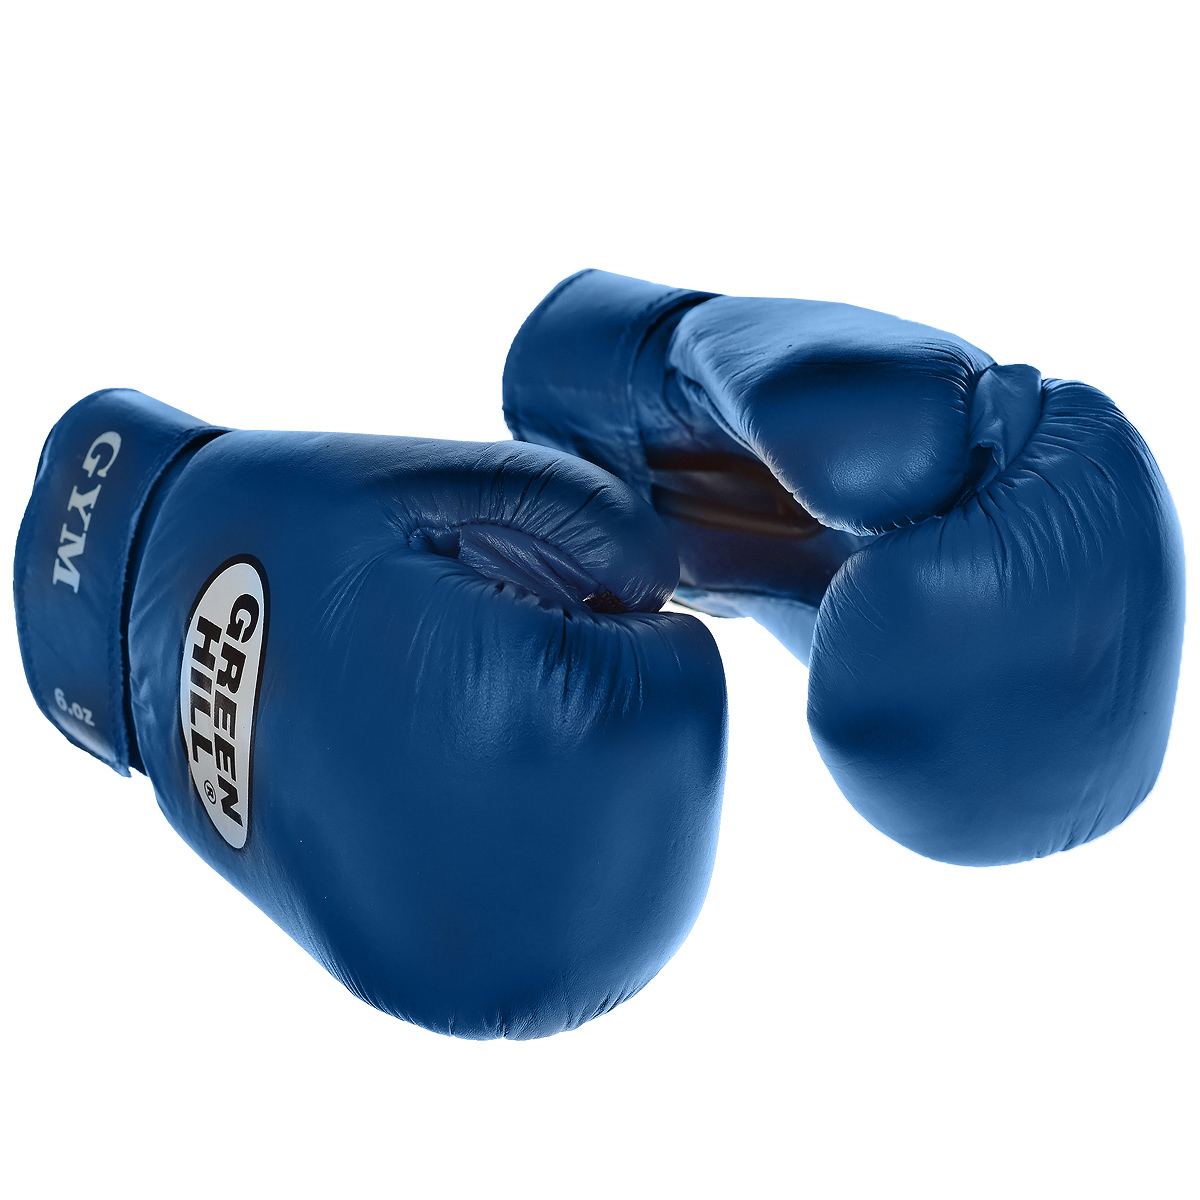 Перчатки боксерские Green Hill Gym, цвет: синий. Вес 8 унцийAIRWHEEL Q3-340WH-BLACKБоксерские перчатки Green Hill Gym специально разработаны для тренировочных спаррингов. Верх выполнен из натуральной кожи, наполнитель - из предварительно сформированного пенополиуретана. Перфорированная поверхность в области ладони позволяет создать максимально комфортный терморежим во время занятий. Широкий ремень, охватывая запястье, полностью оборачивается вокруг манжеты, благодаря чему создается дополнительная защита лучезапястного сустава от травмирования. Застежка на липучке способствует быстрому и удобному одеванию перчаток, плотно фиксирует перчатки на руке.